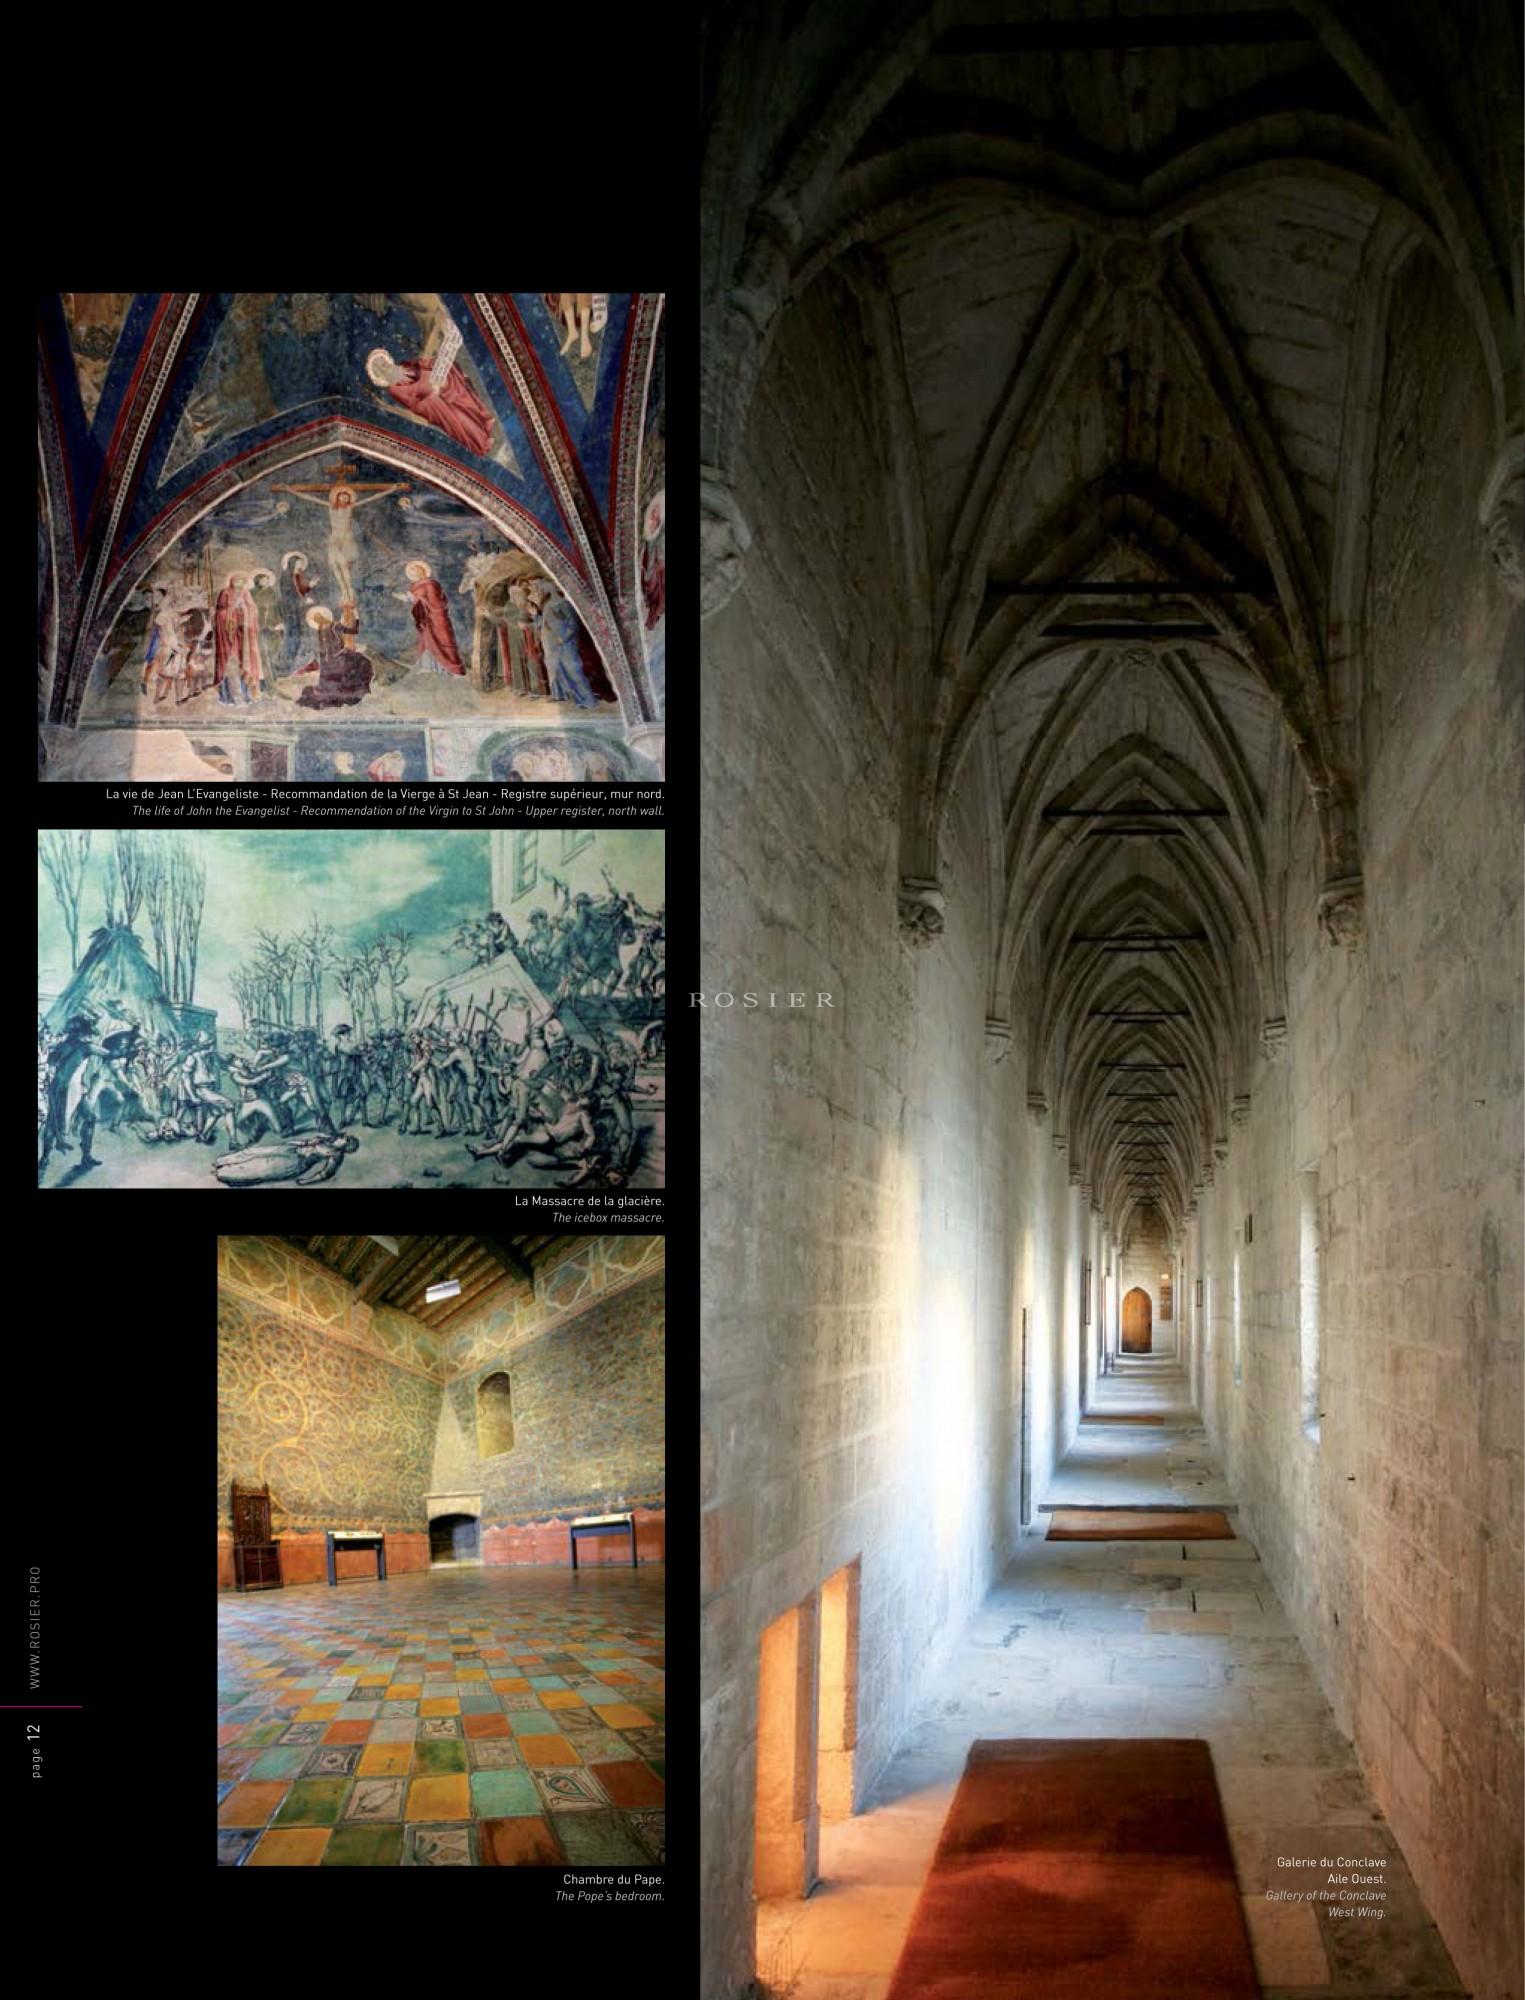 Palais des papes d'Avignon, Lifestyle by Rosier 2012